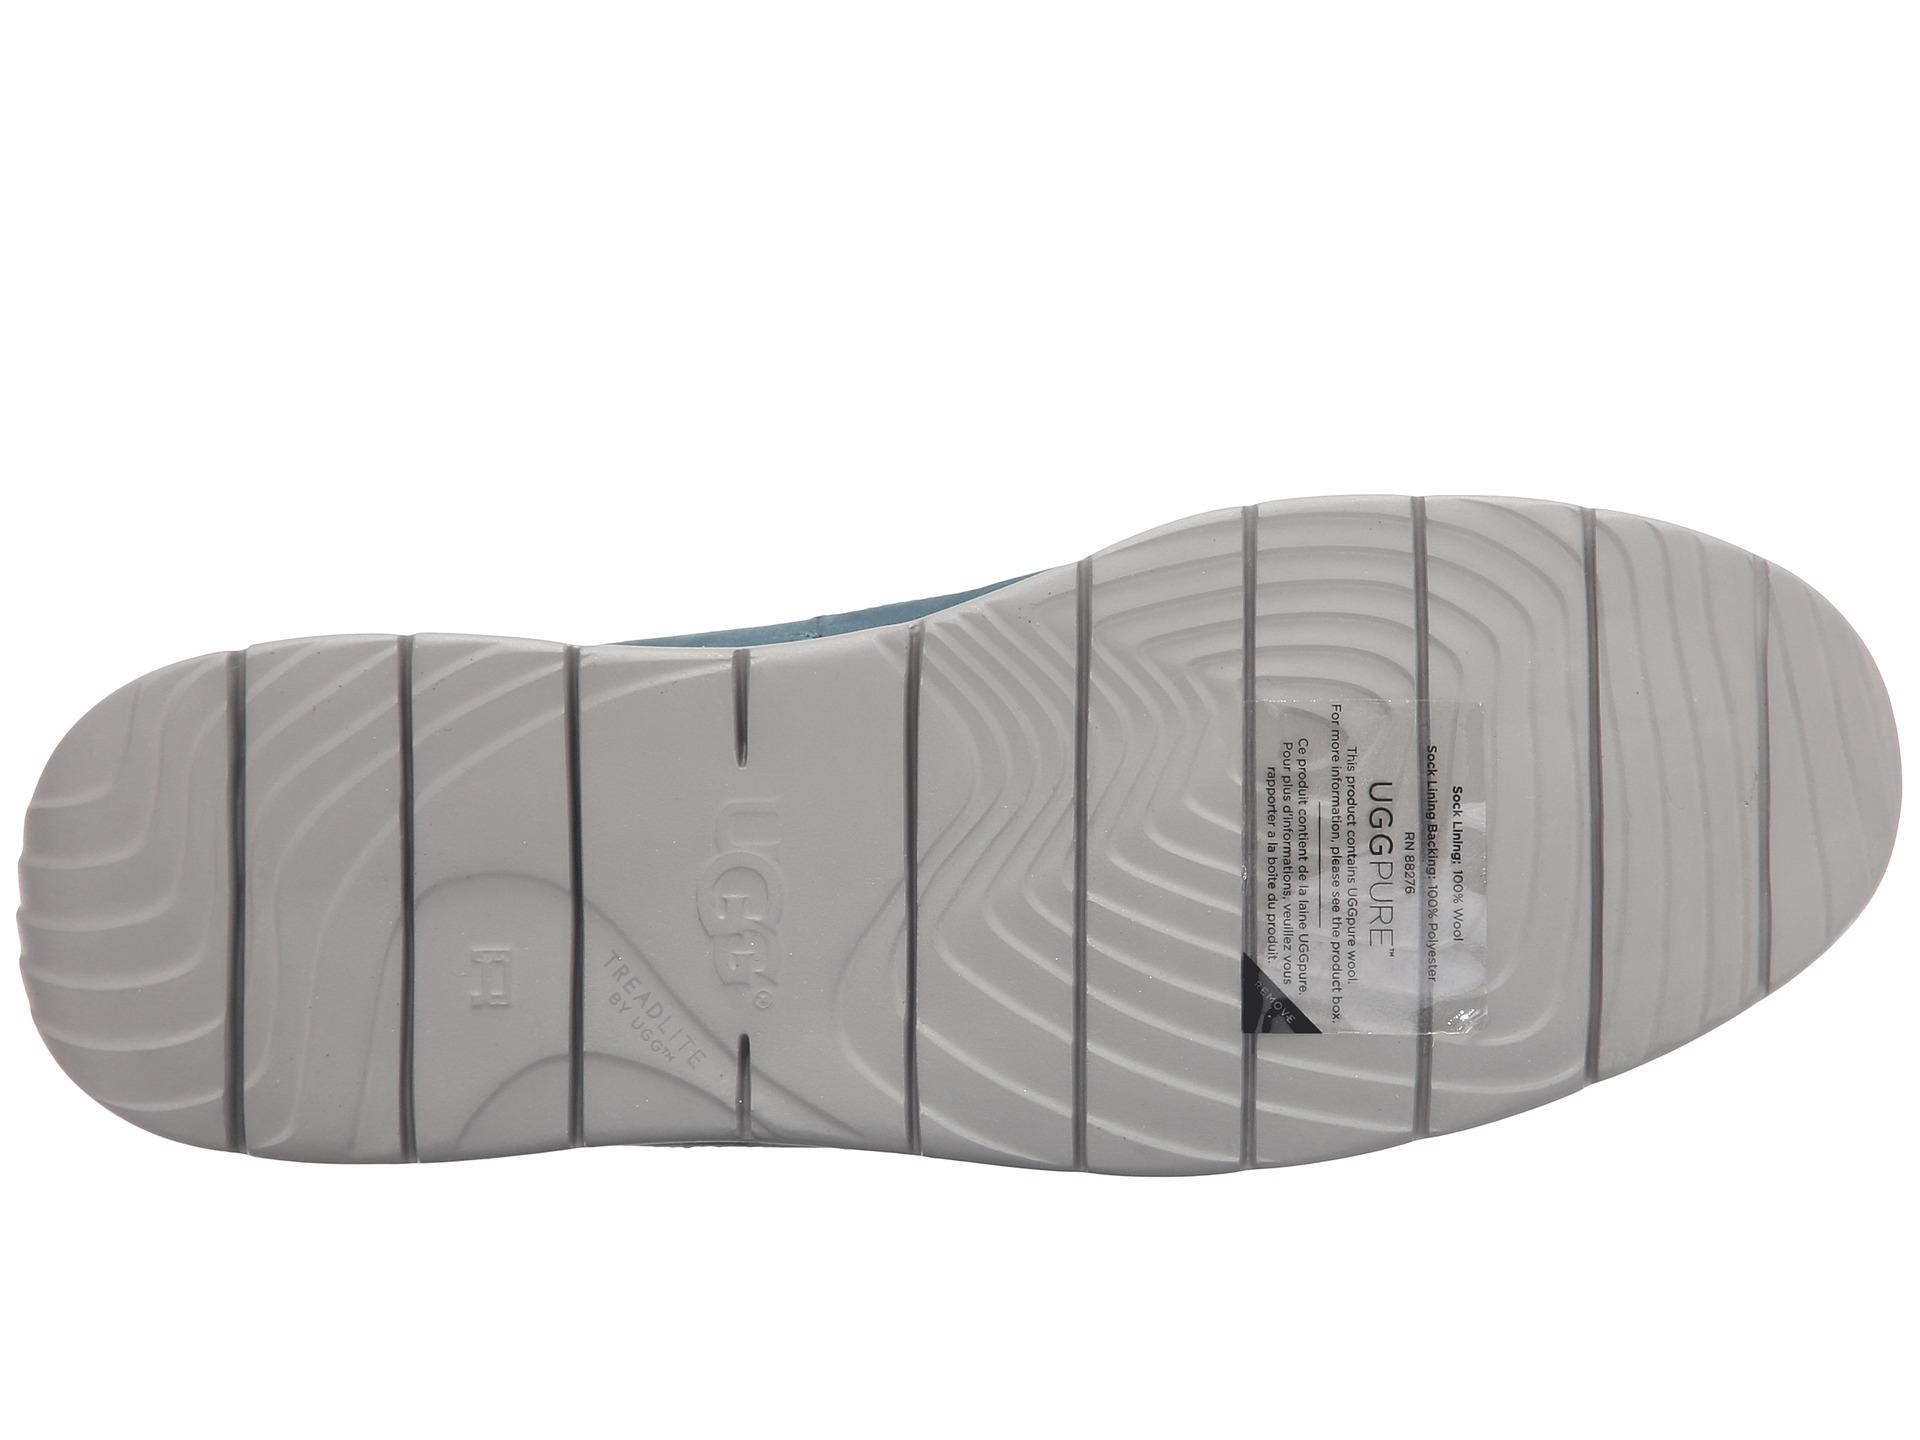 c6c3a75f47f Mens Ugg Australia Beacon Rigger Boots